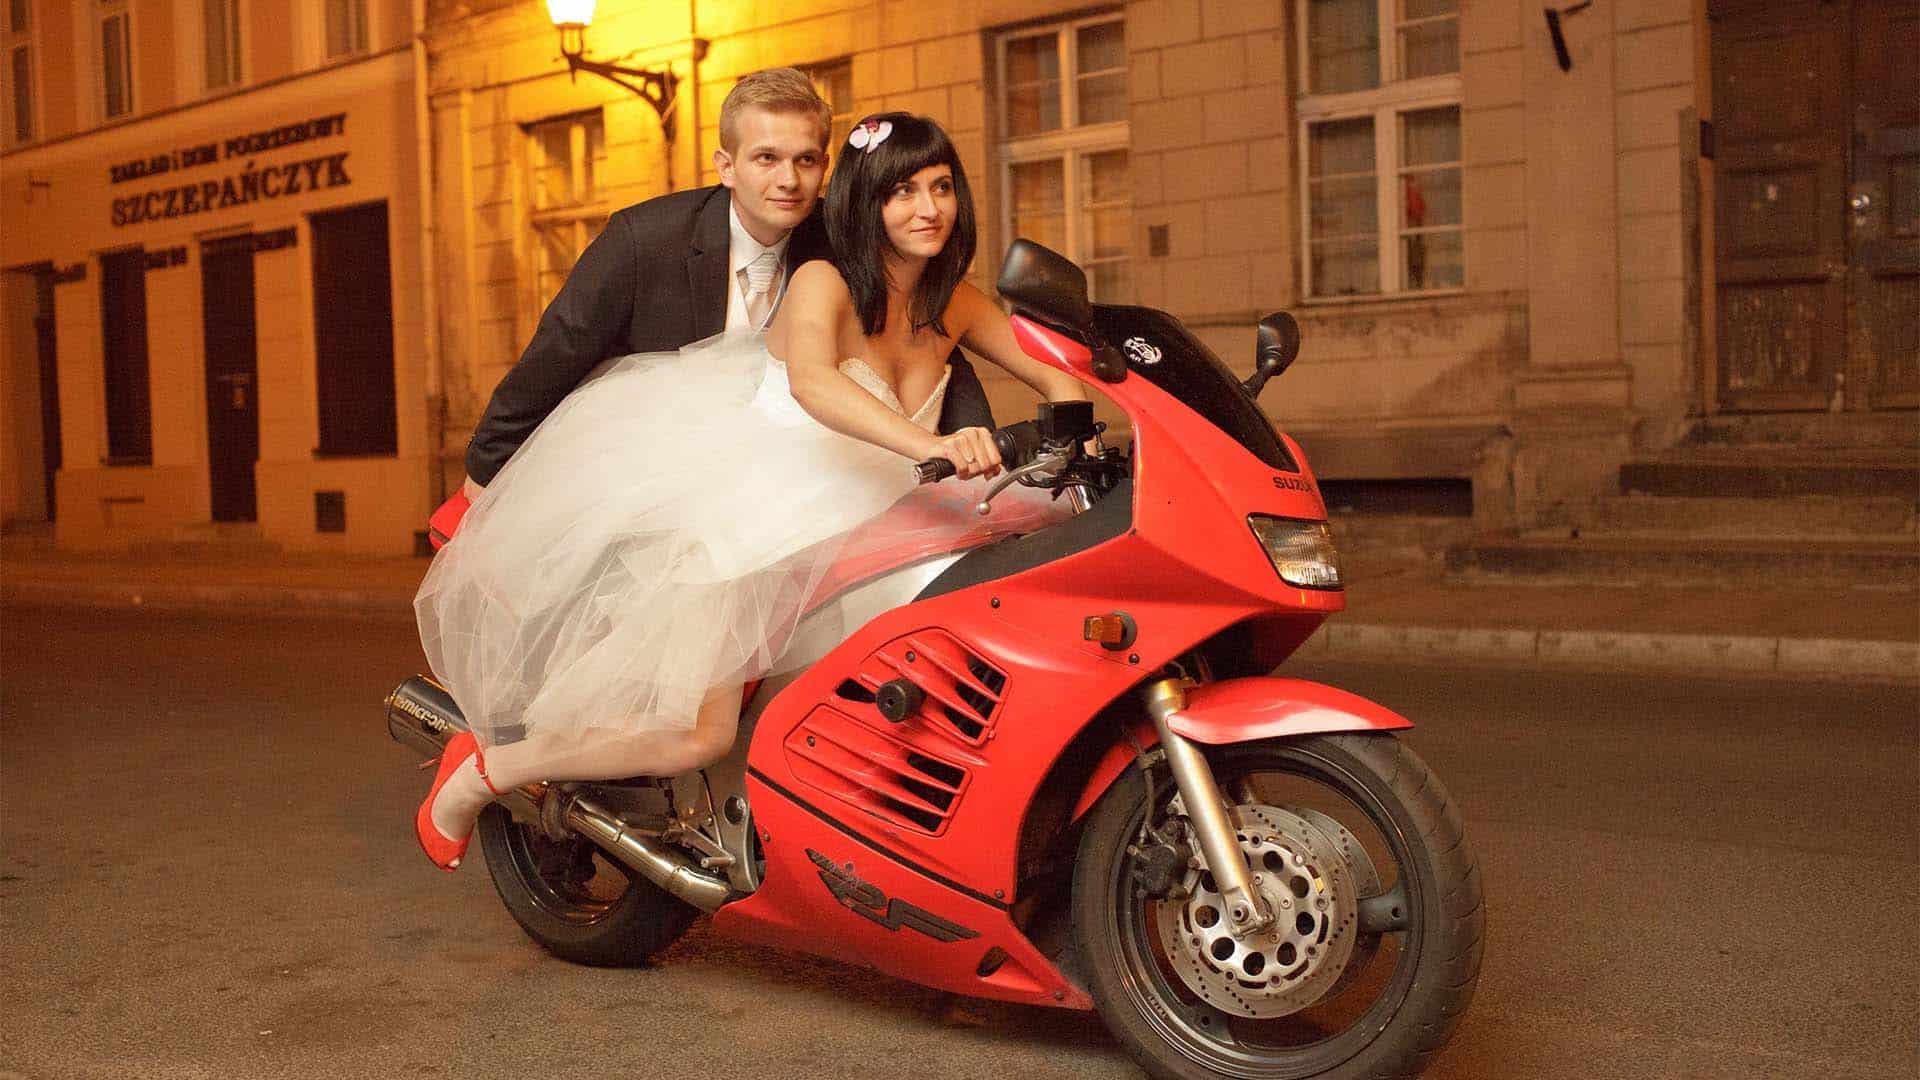 Plenerowe zdjęcia poślubne na motocyklu.